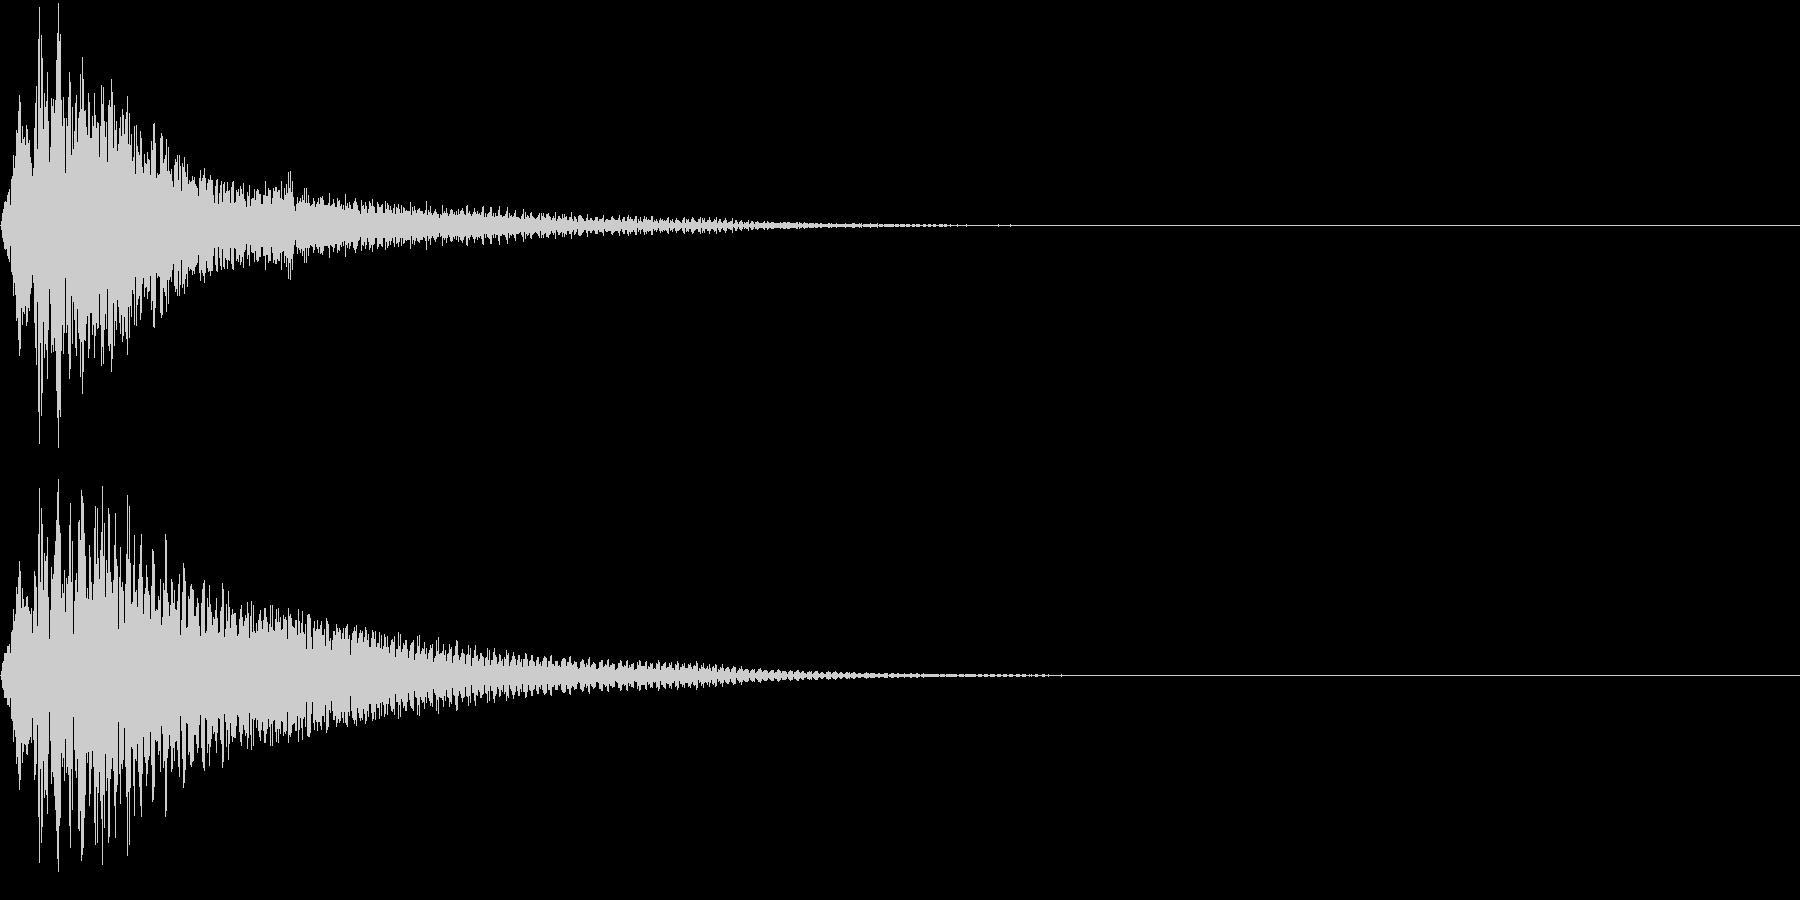 KAKUGE 格闘ゲーム戦闘音 52の未再生の波形